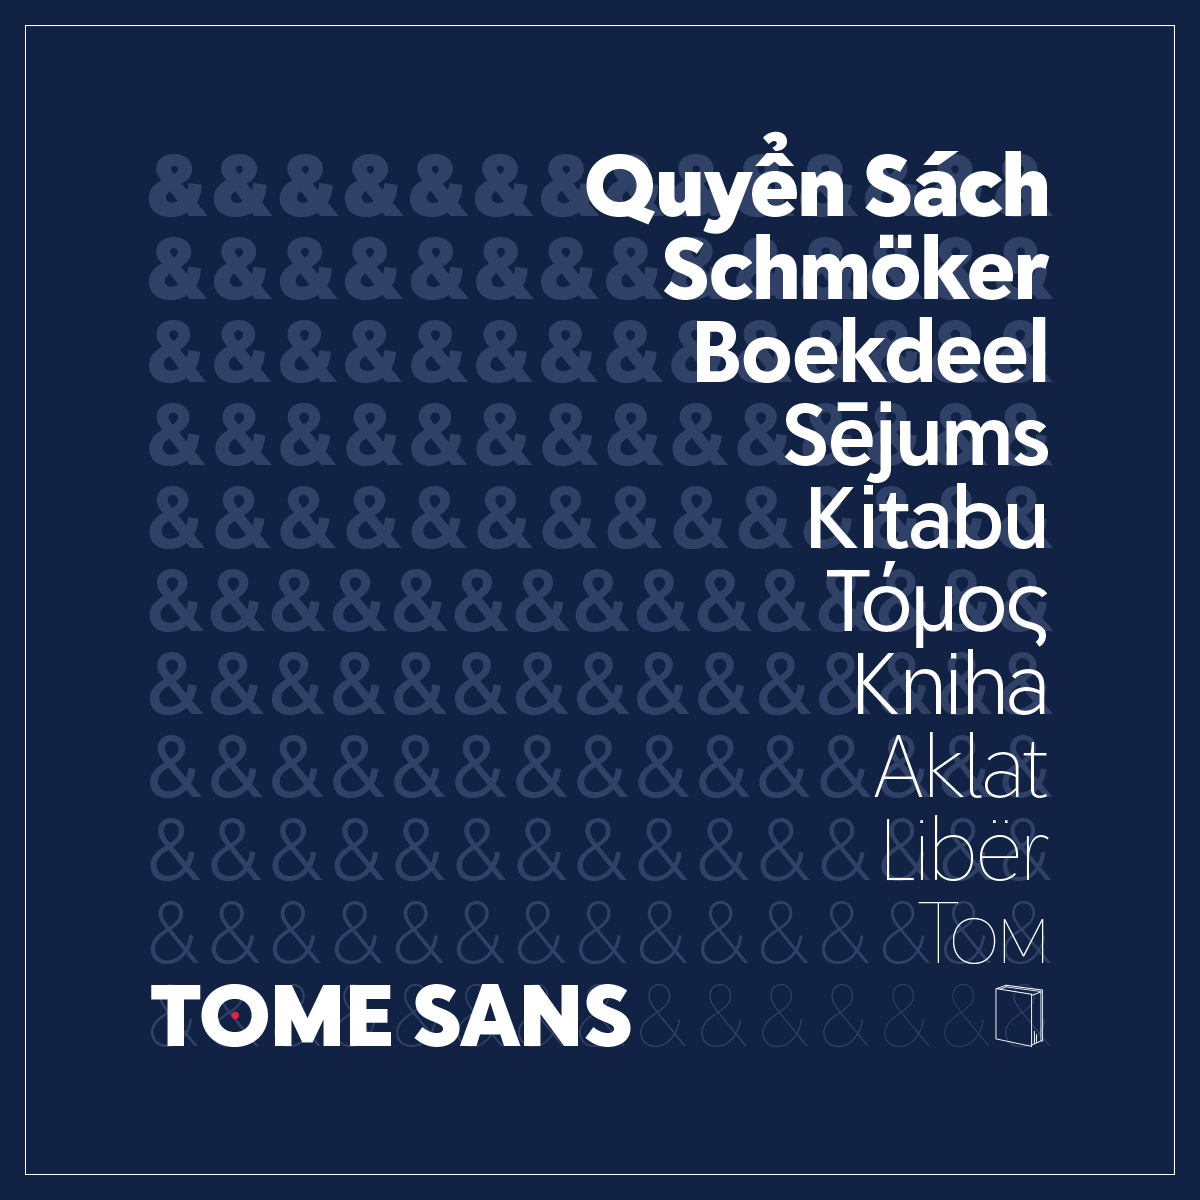 Tome Sans